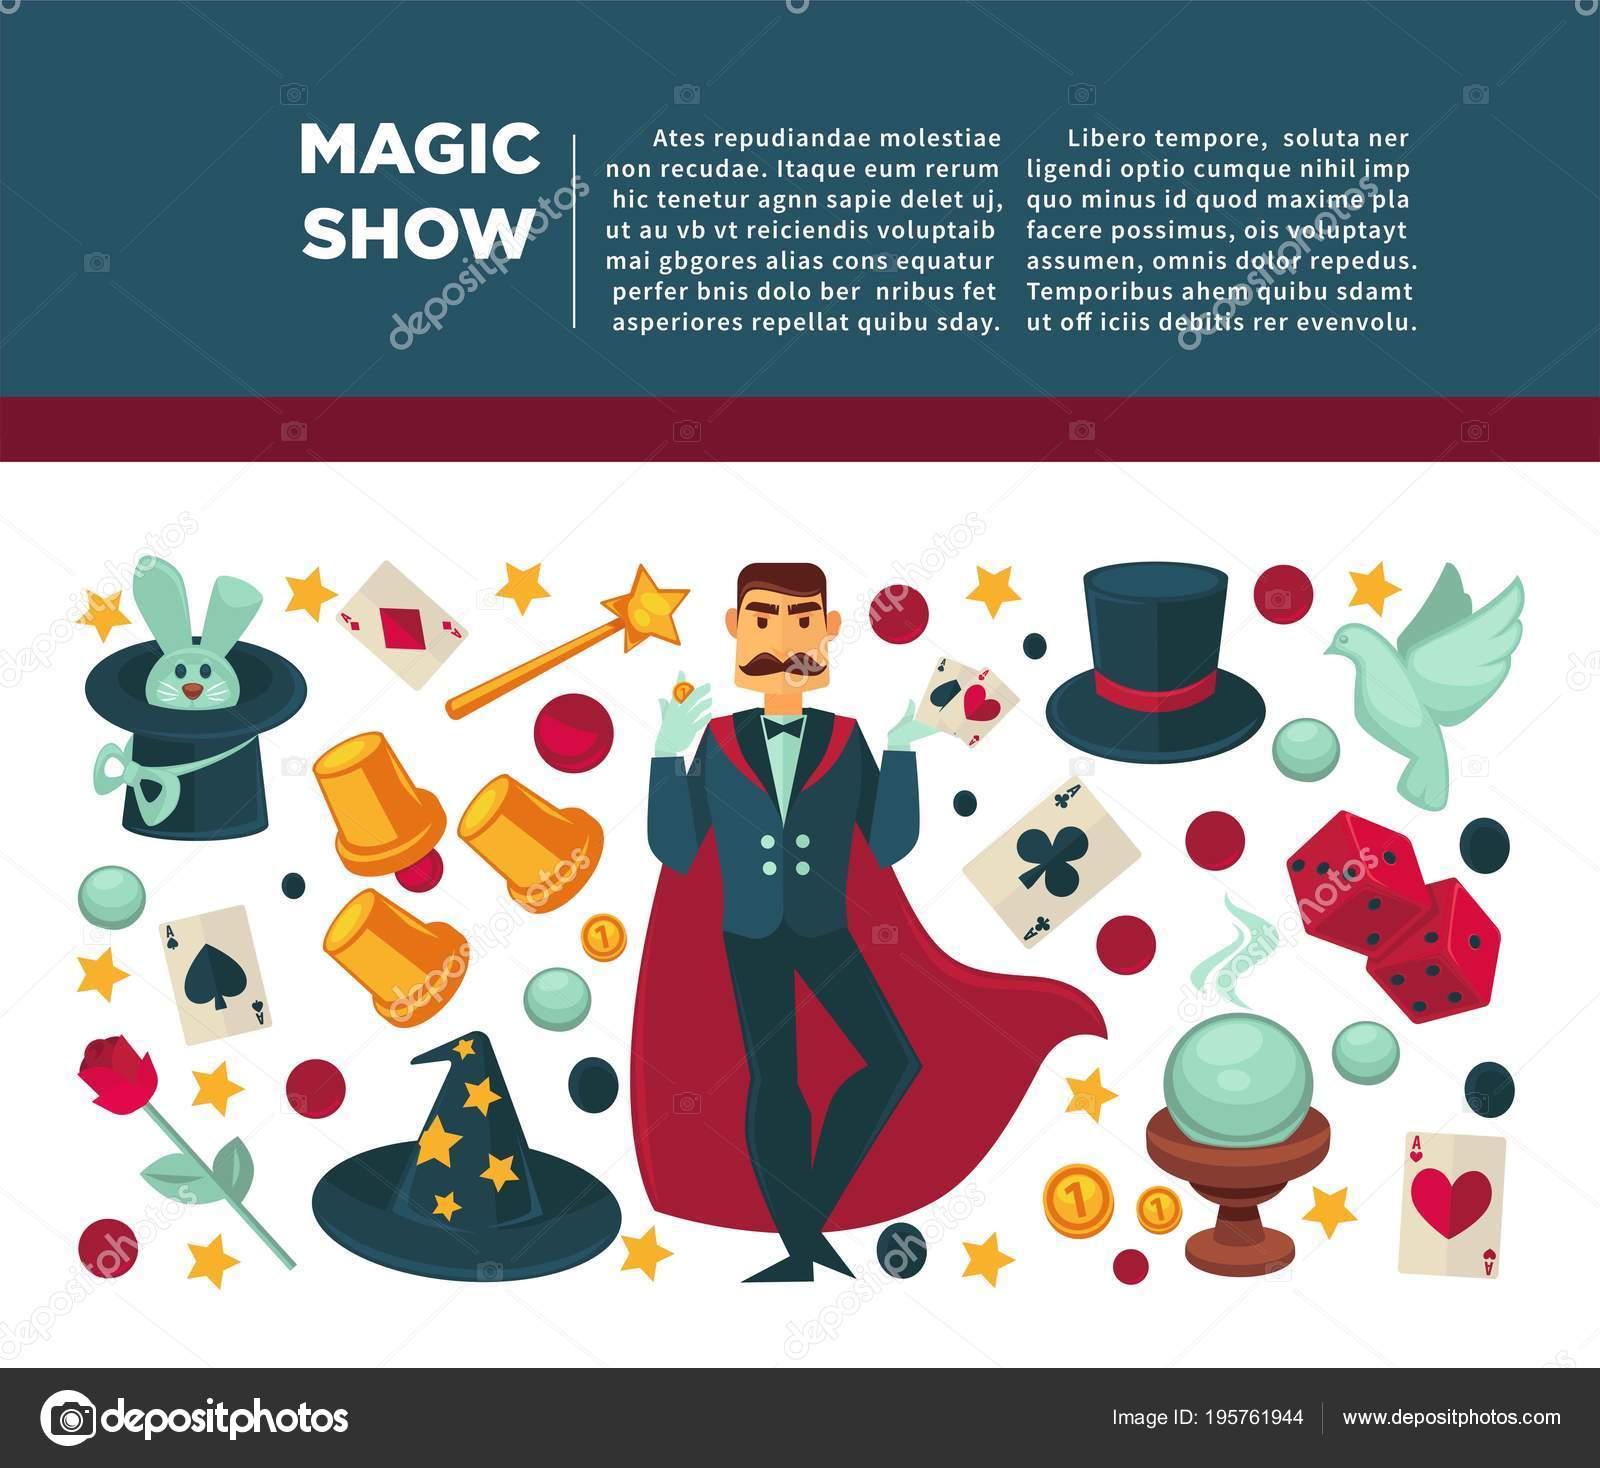 Magic show y mago trucos equipo cartel. Iconos planos vectoriales de circo  hombre ilusionista o mago en manto de prestidigitador con varita mágica b27c3cf8330